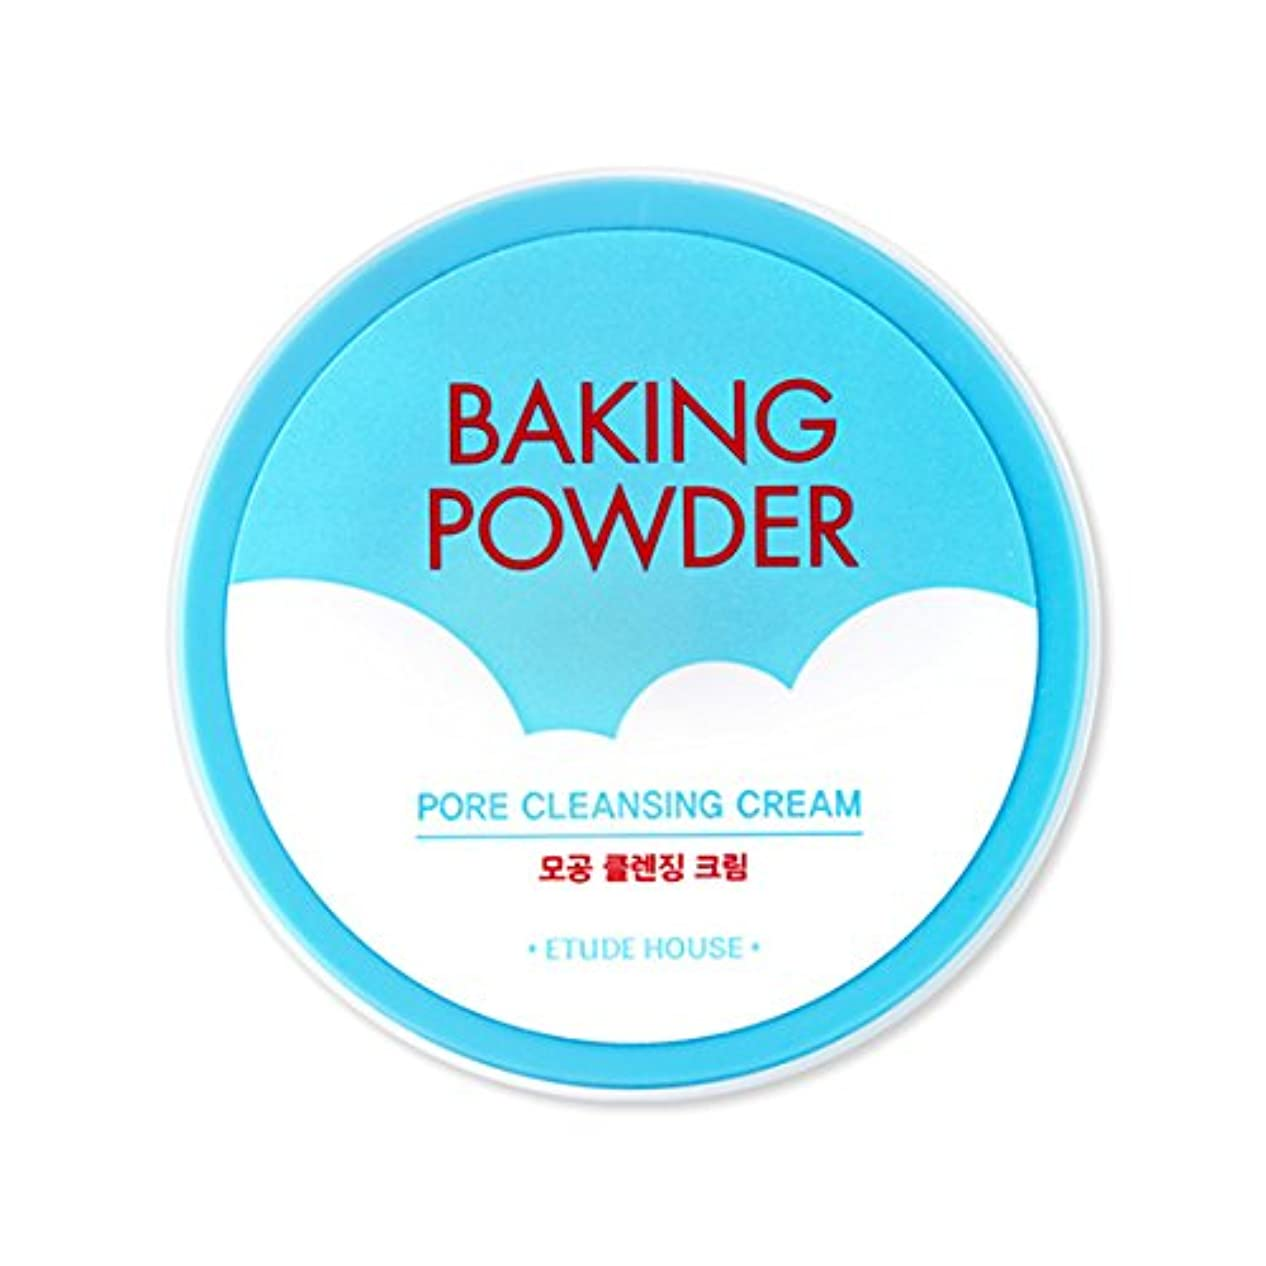 理想的には保証するバーベキュー[2016 Upgrade!] ETUDE HOUSE Baking Powder Pore Cleansing Cream 180ml/エチュードハウス ベーキング パウダー ポア クレンジング クリーム 180ml...